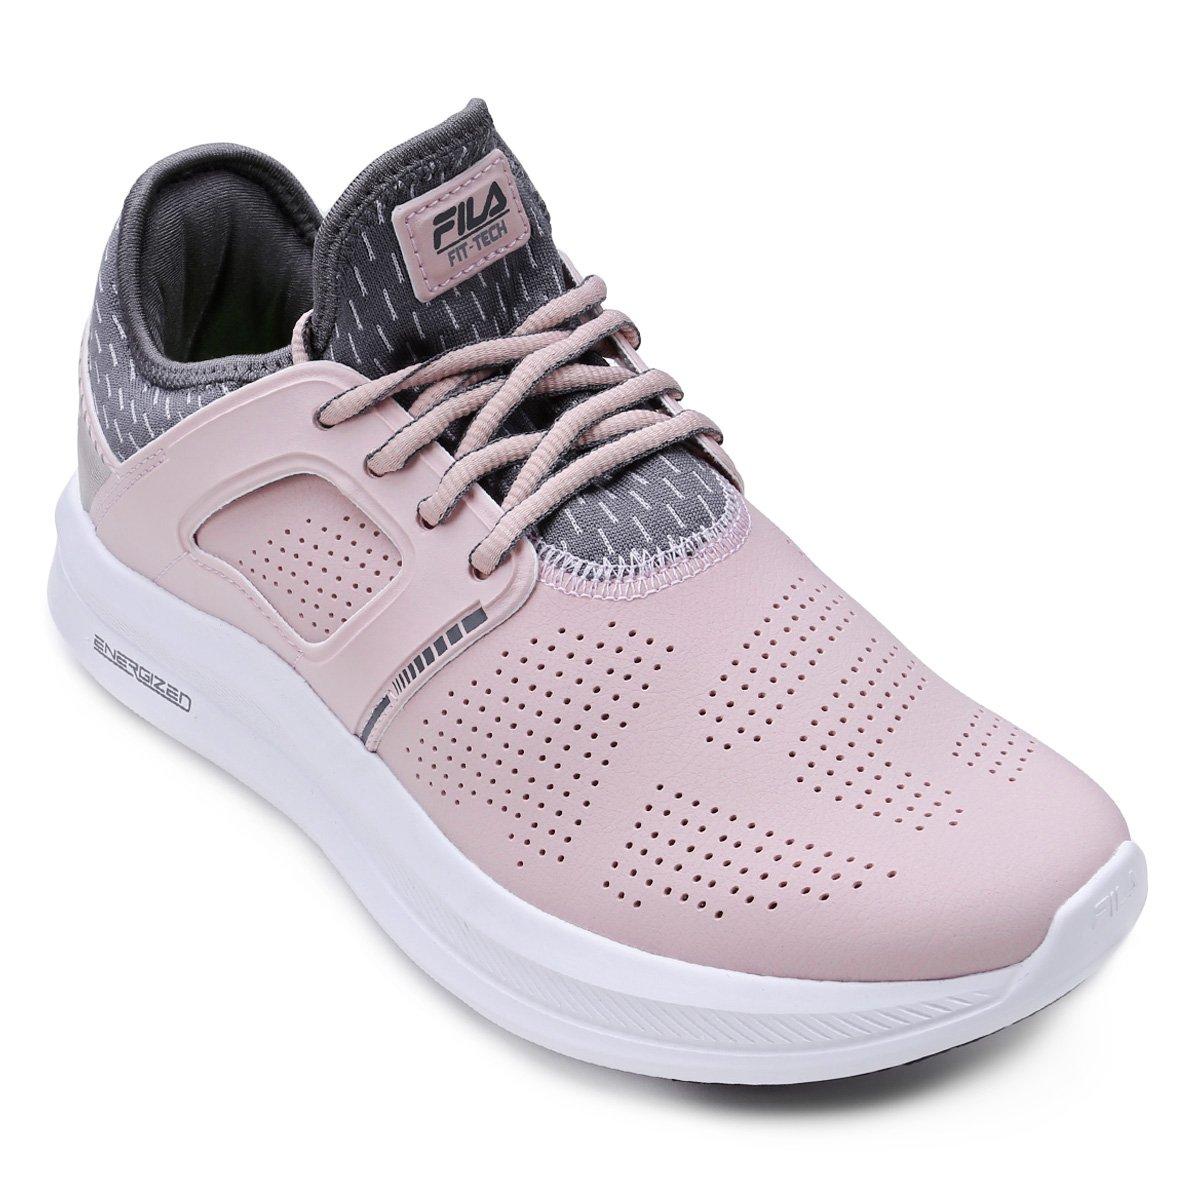 c321035e475 Tênis fila fit tech feminino rosa e cinza compre agora netshoes jpg  1200x1200 Tenis fila 2018